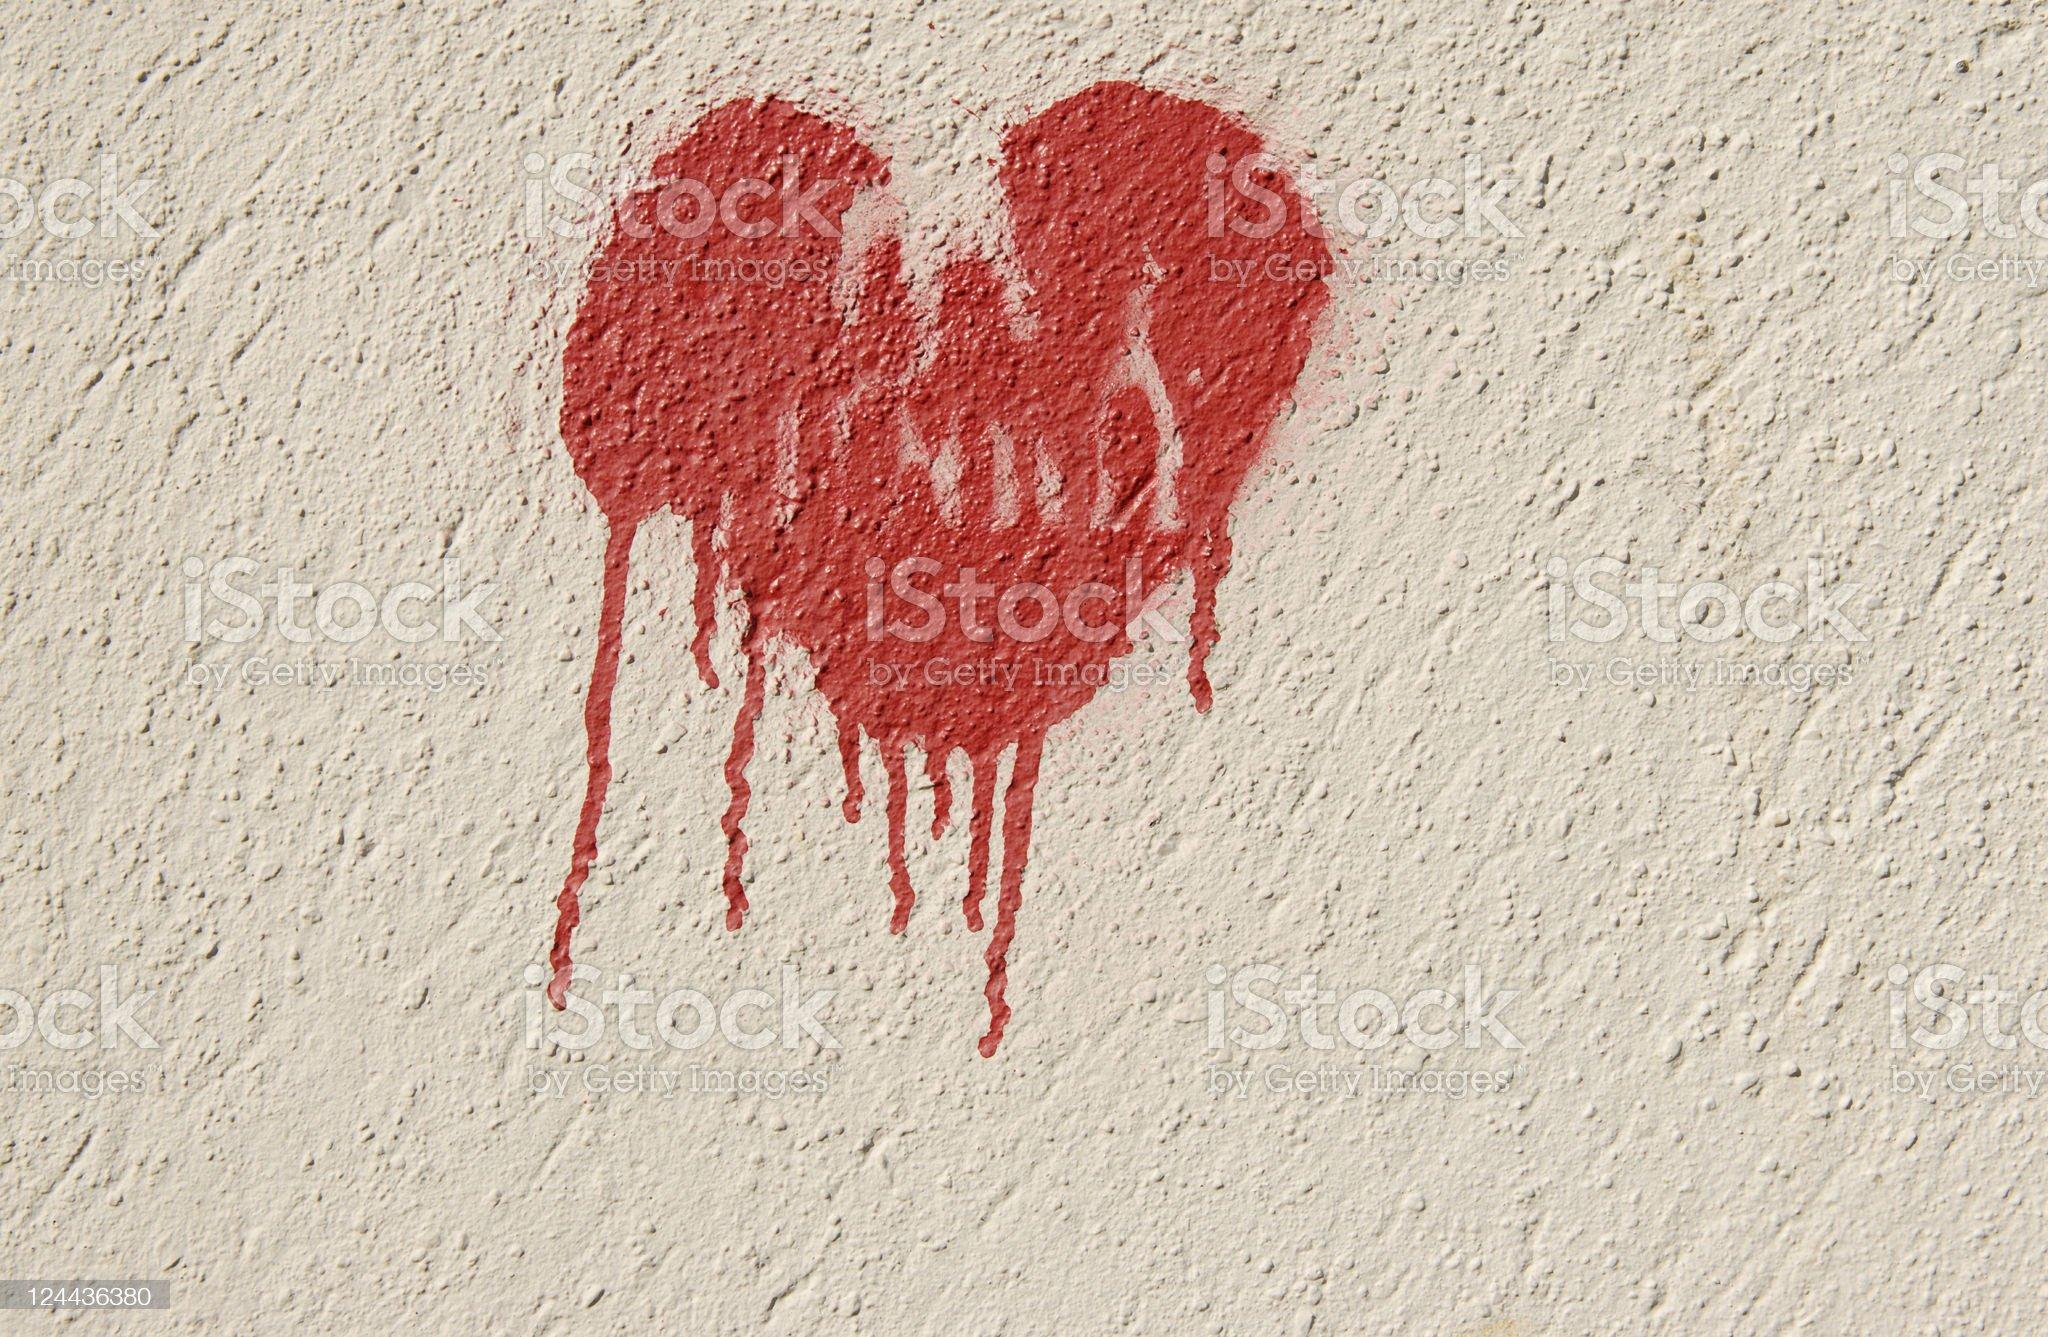 Bleeding heart royalty-free stock photo